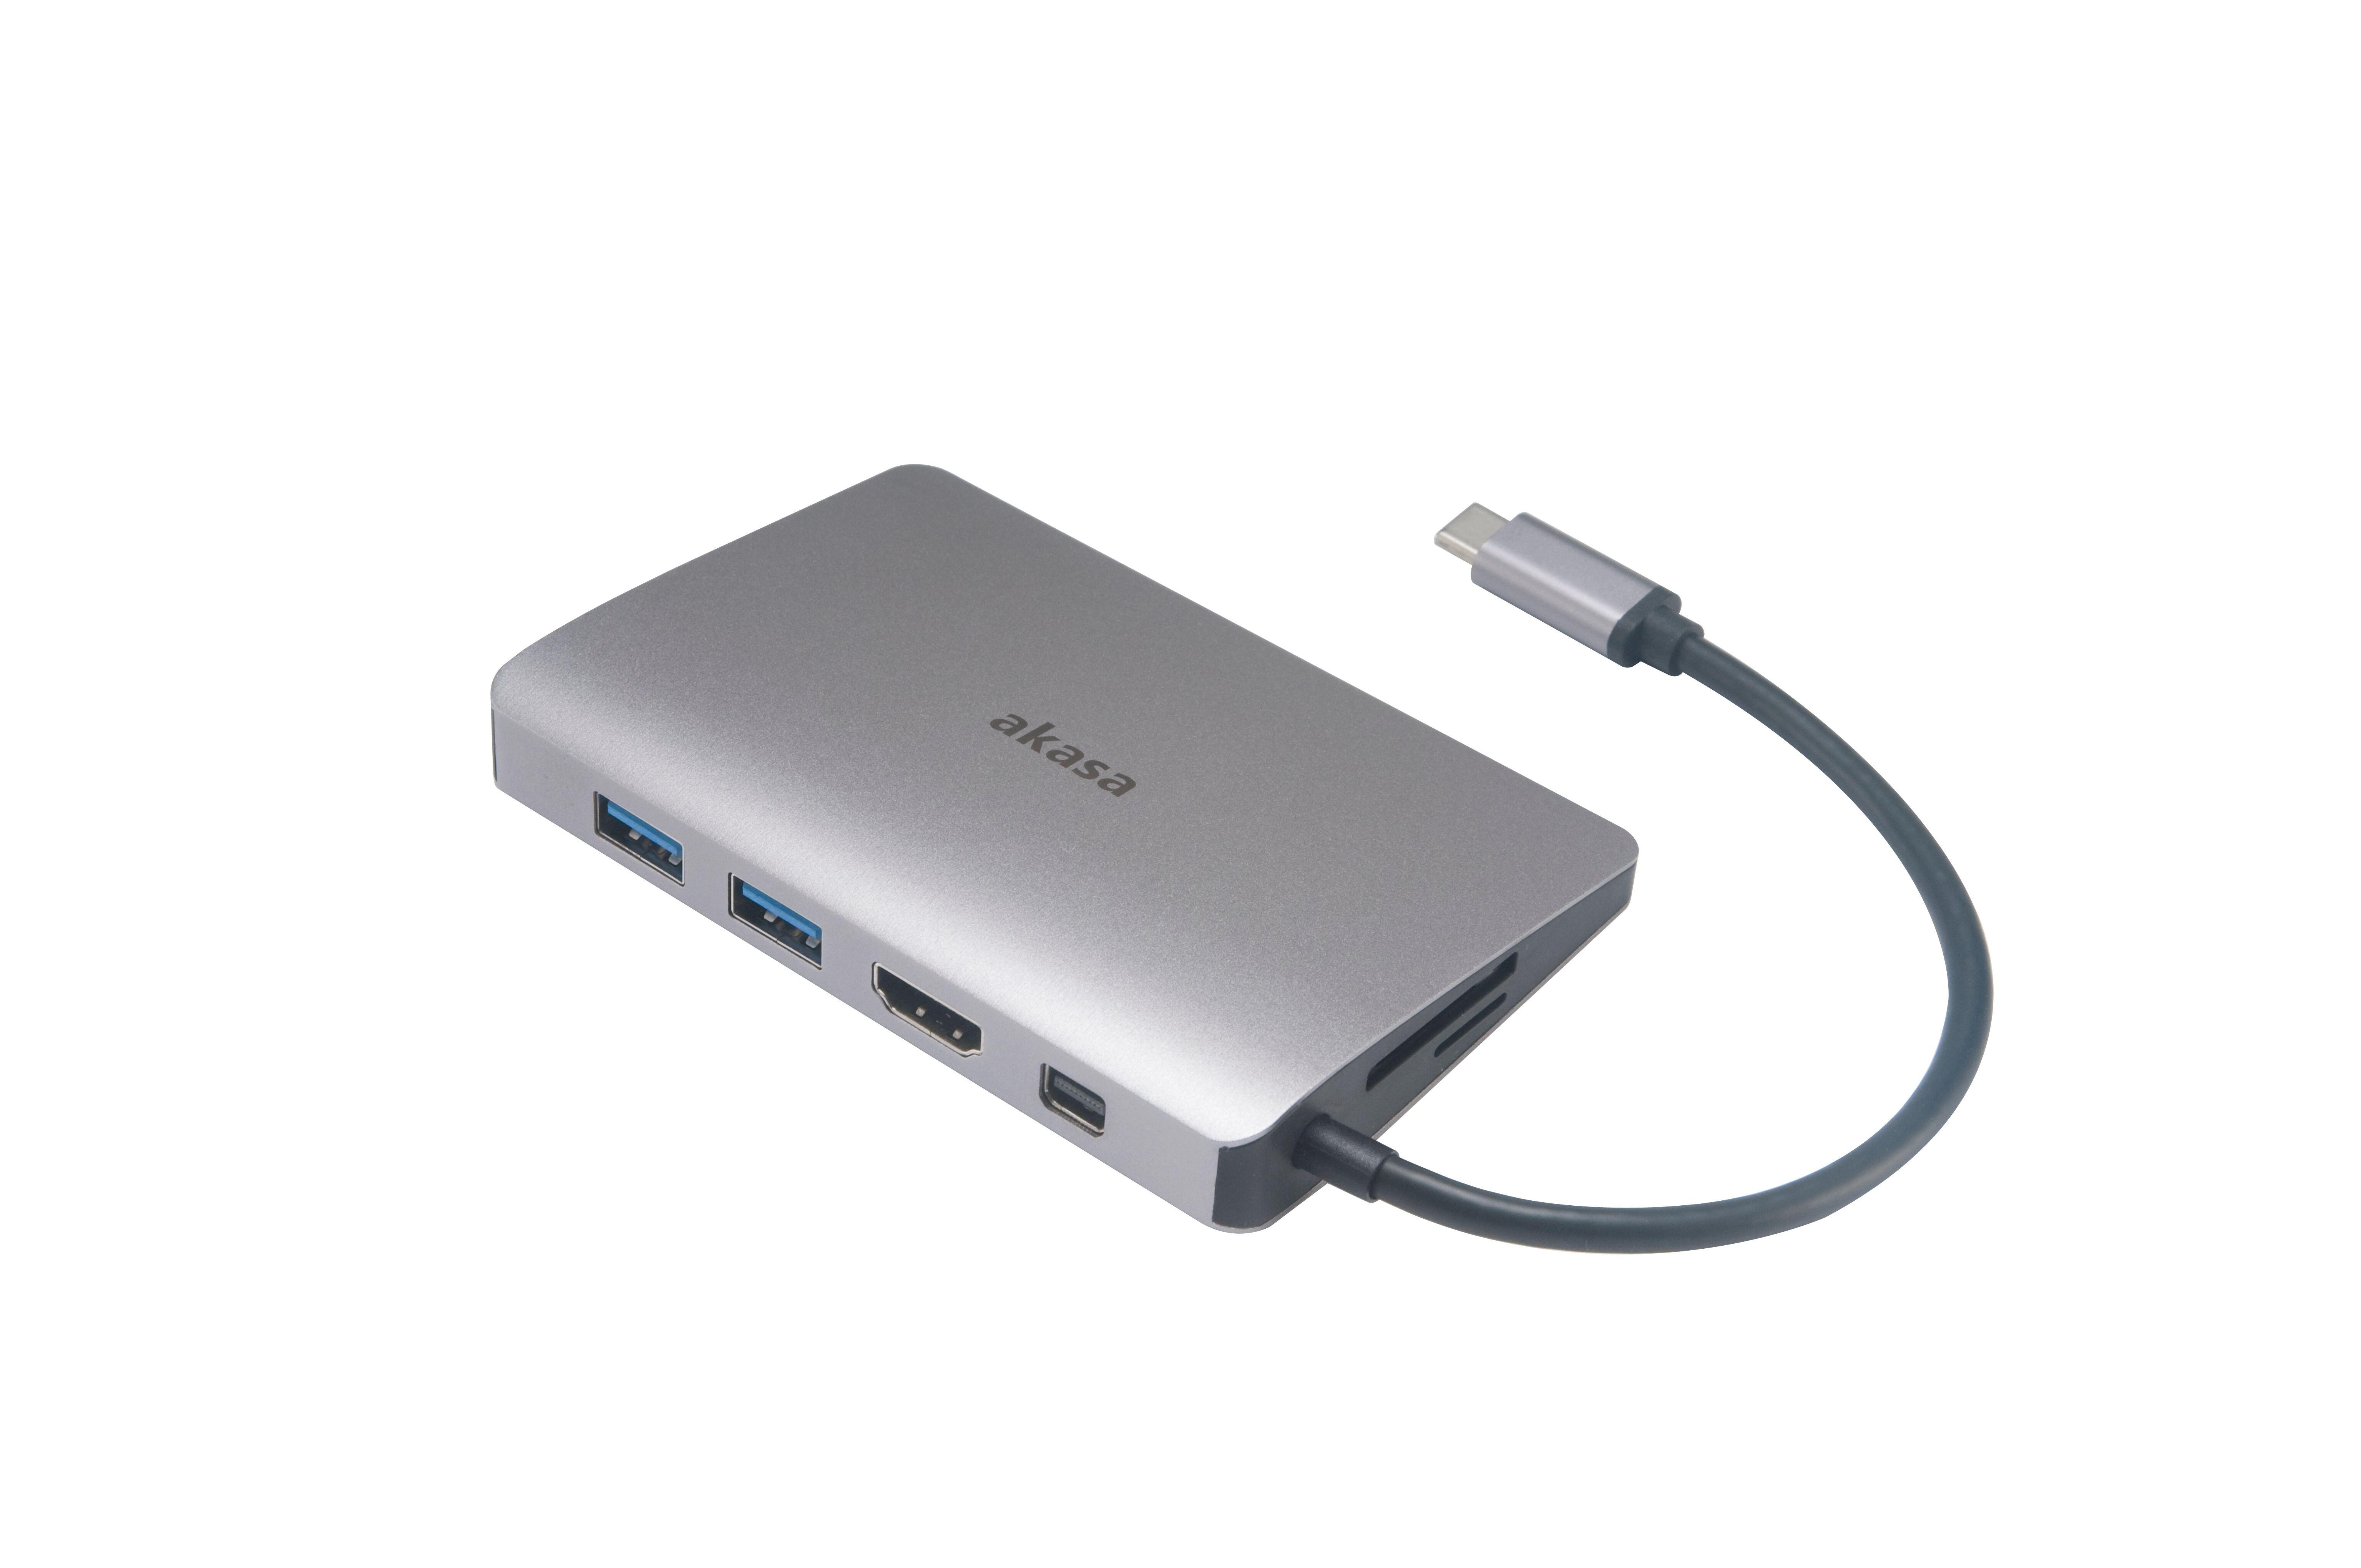 Akasa USB C 3.1 9 In 1 Dock (USB C (Power) x1, USB 3.1 USB A x2/SD,Micro SD Card Reader/4K HDMI/GbE/ Mini DP/Audio)